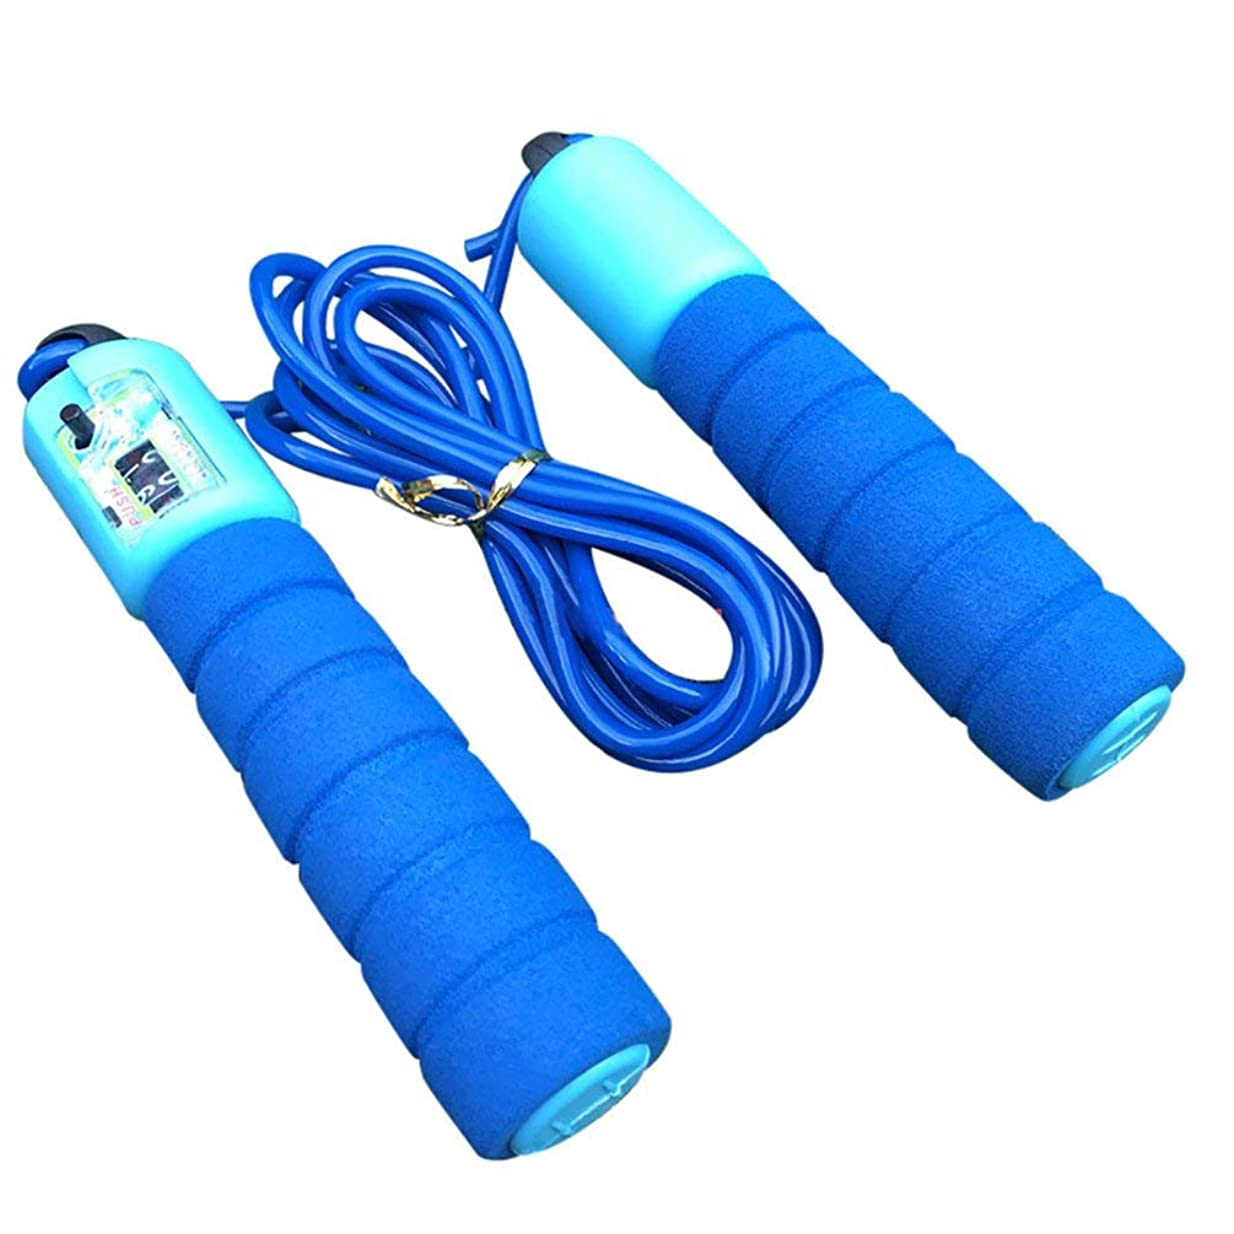 白雪姫意志遺伝的調整可能なプロフェッショナルカウント縄跳び自動カウントジャンプロープフィットネス運動高速カウントジャンプロープ - 青